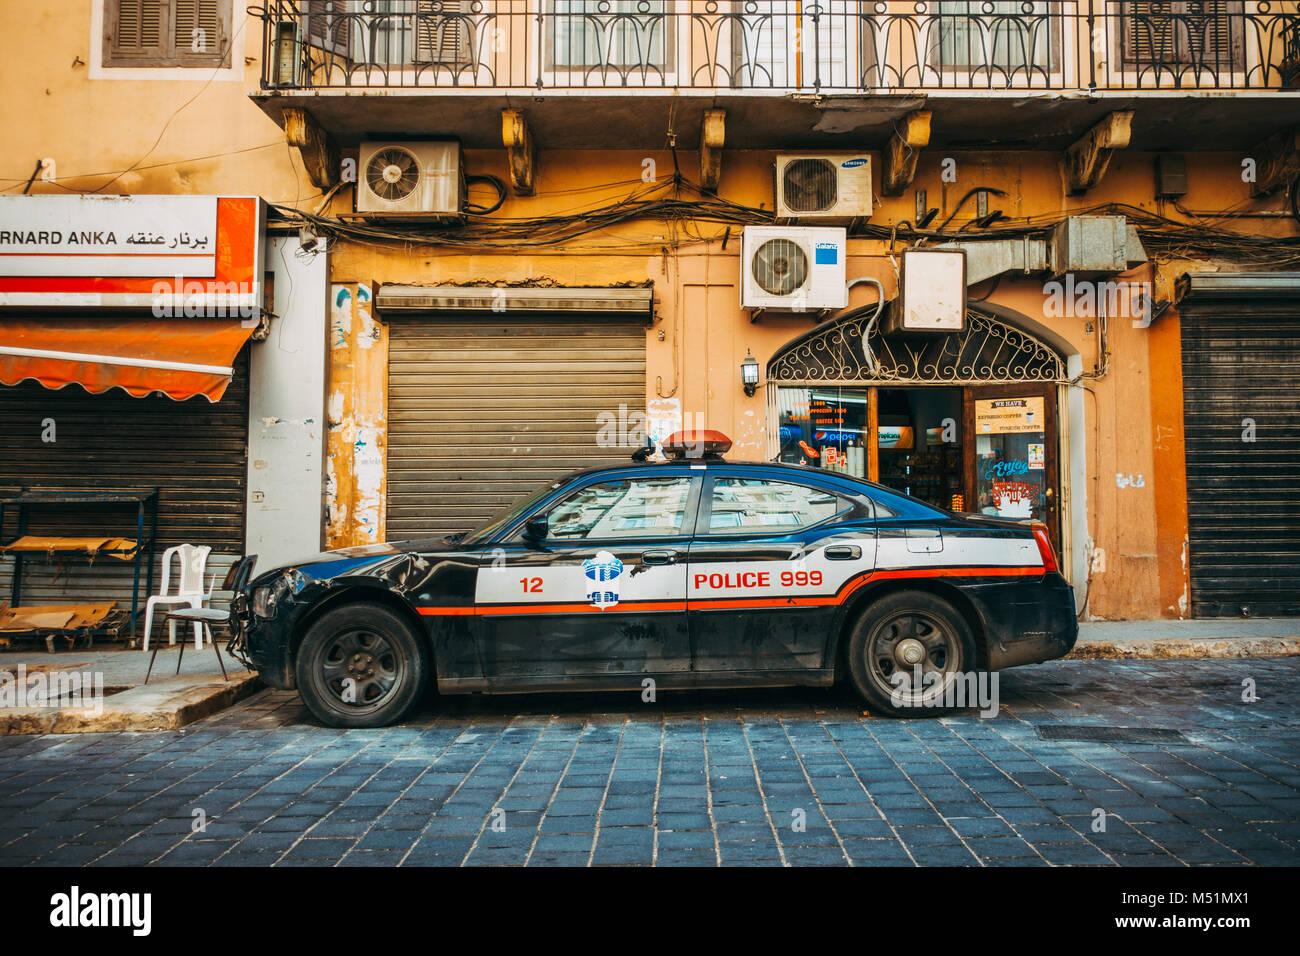 Un dañado Dodge Charger Police Pursuit car se sienta en el borde de la carretera en Beirut, Líbano Imagen De Stock